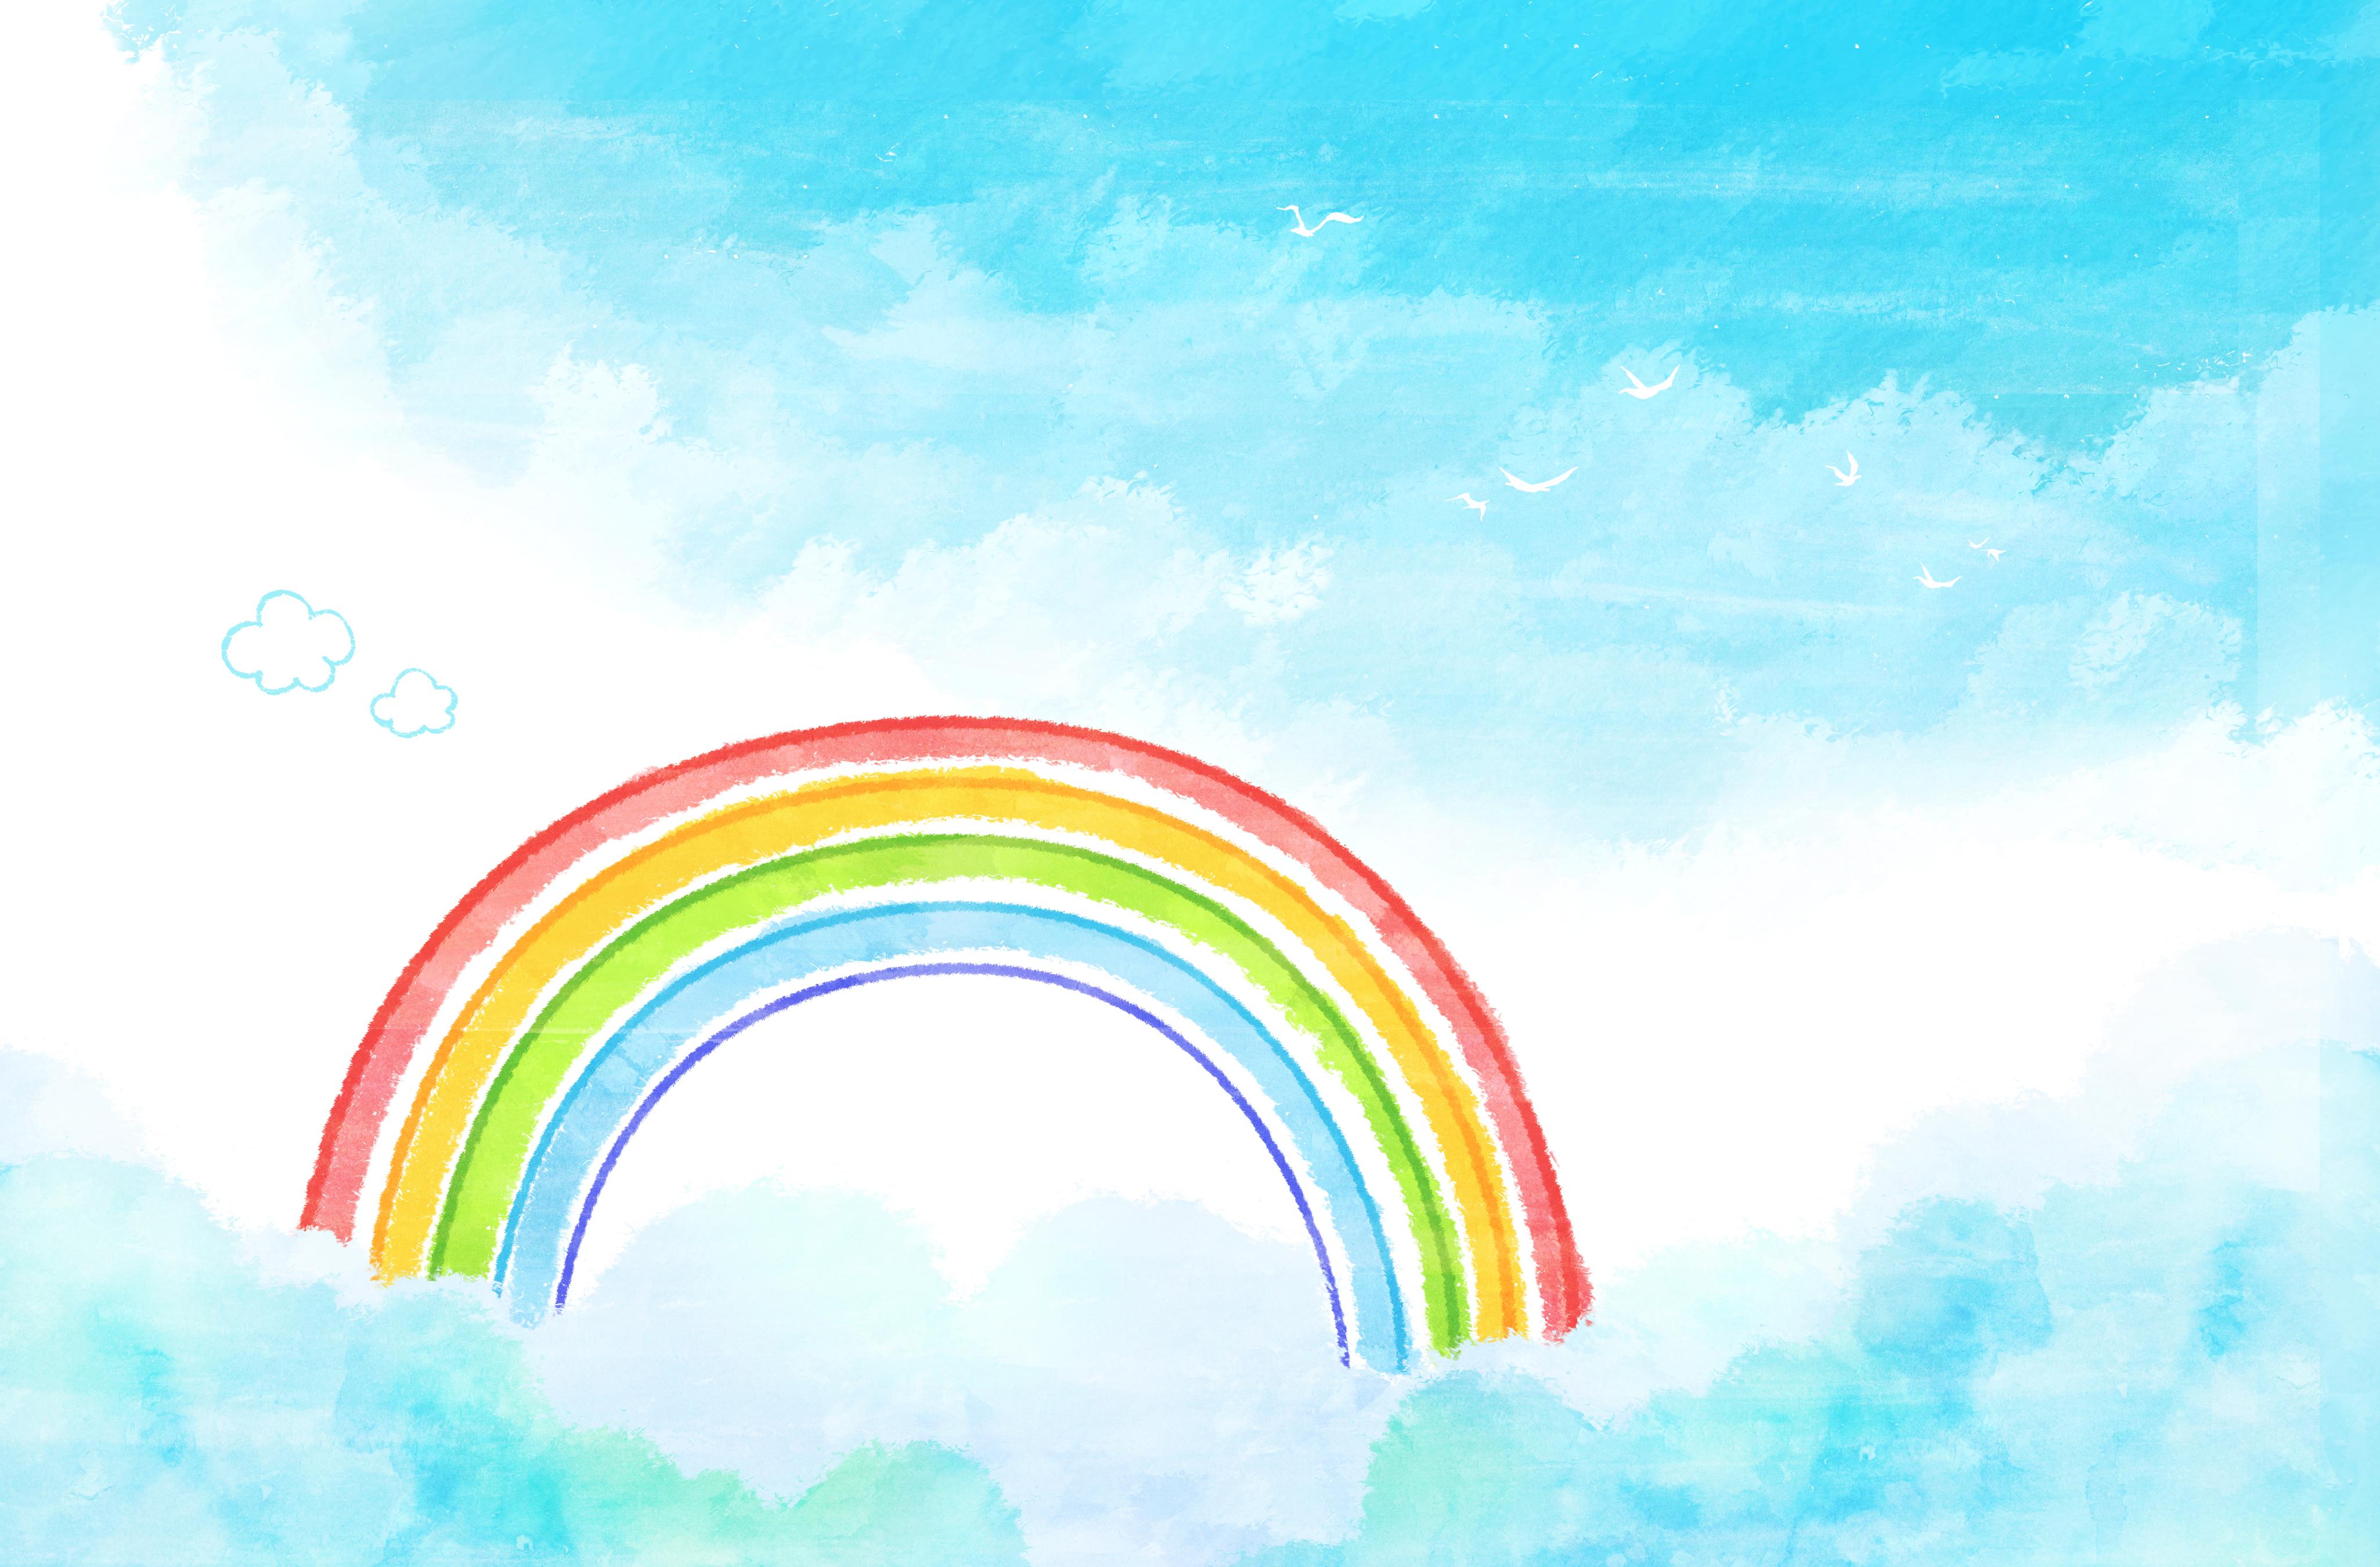 arc en ciel couleur d arri u00e8re plan couleur rainbow le ciel image de fond pour le t u00e9l u00e9chargement